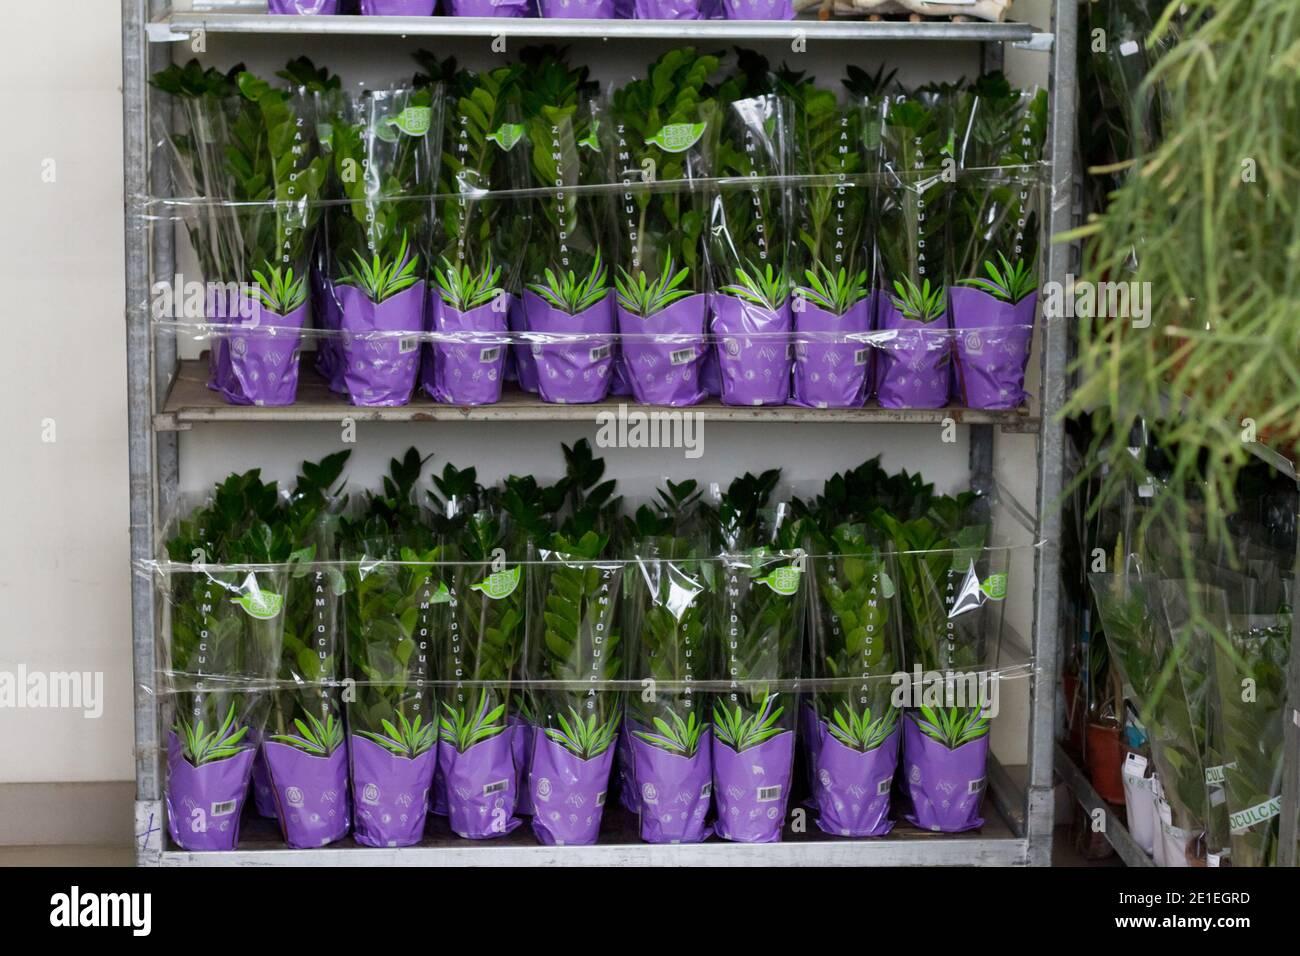 Lote de plantas de zamioculcas en vitrina en tienda de flores, fondo floral, enfoque selectivo Foto de stock